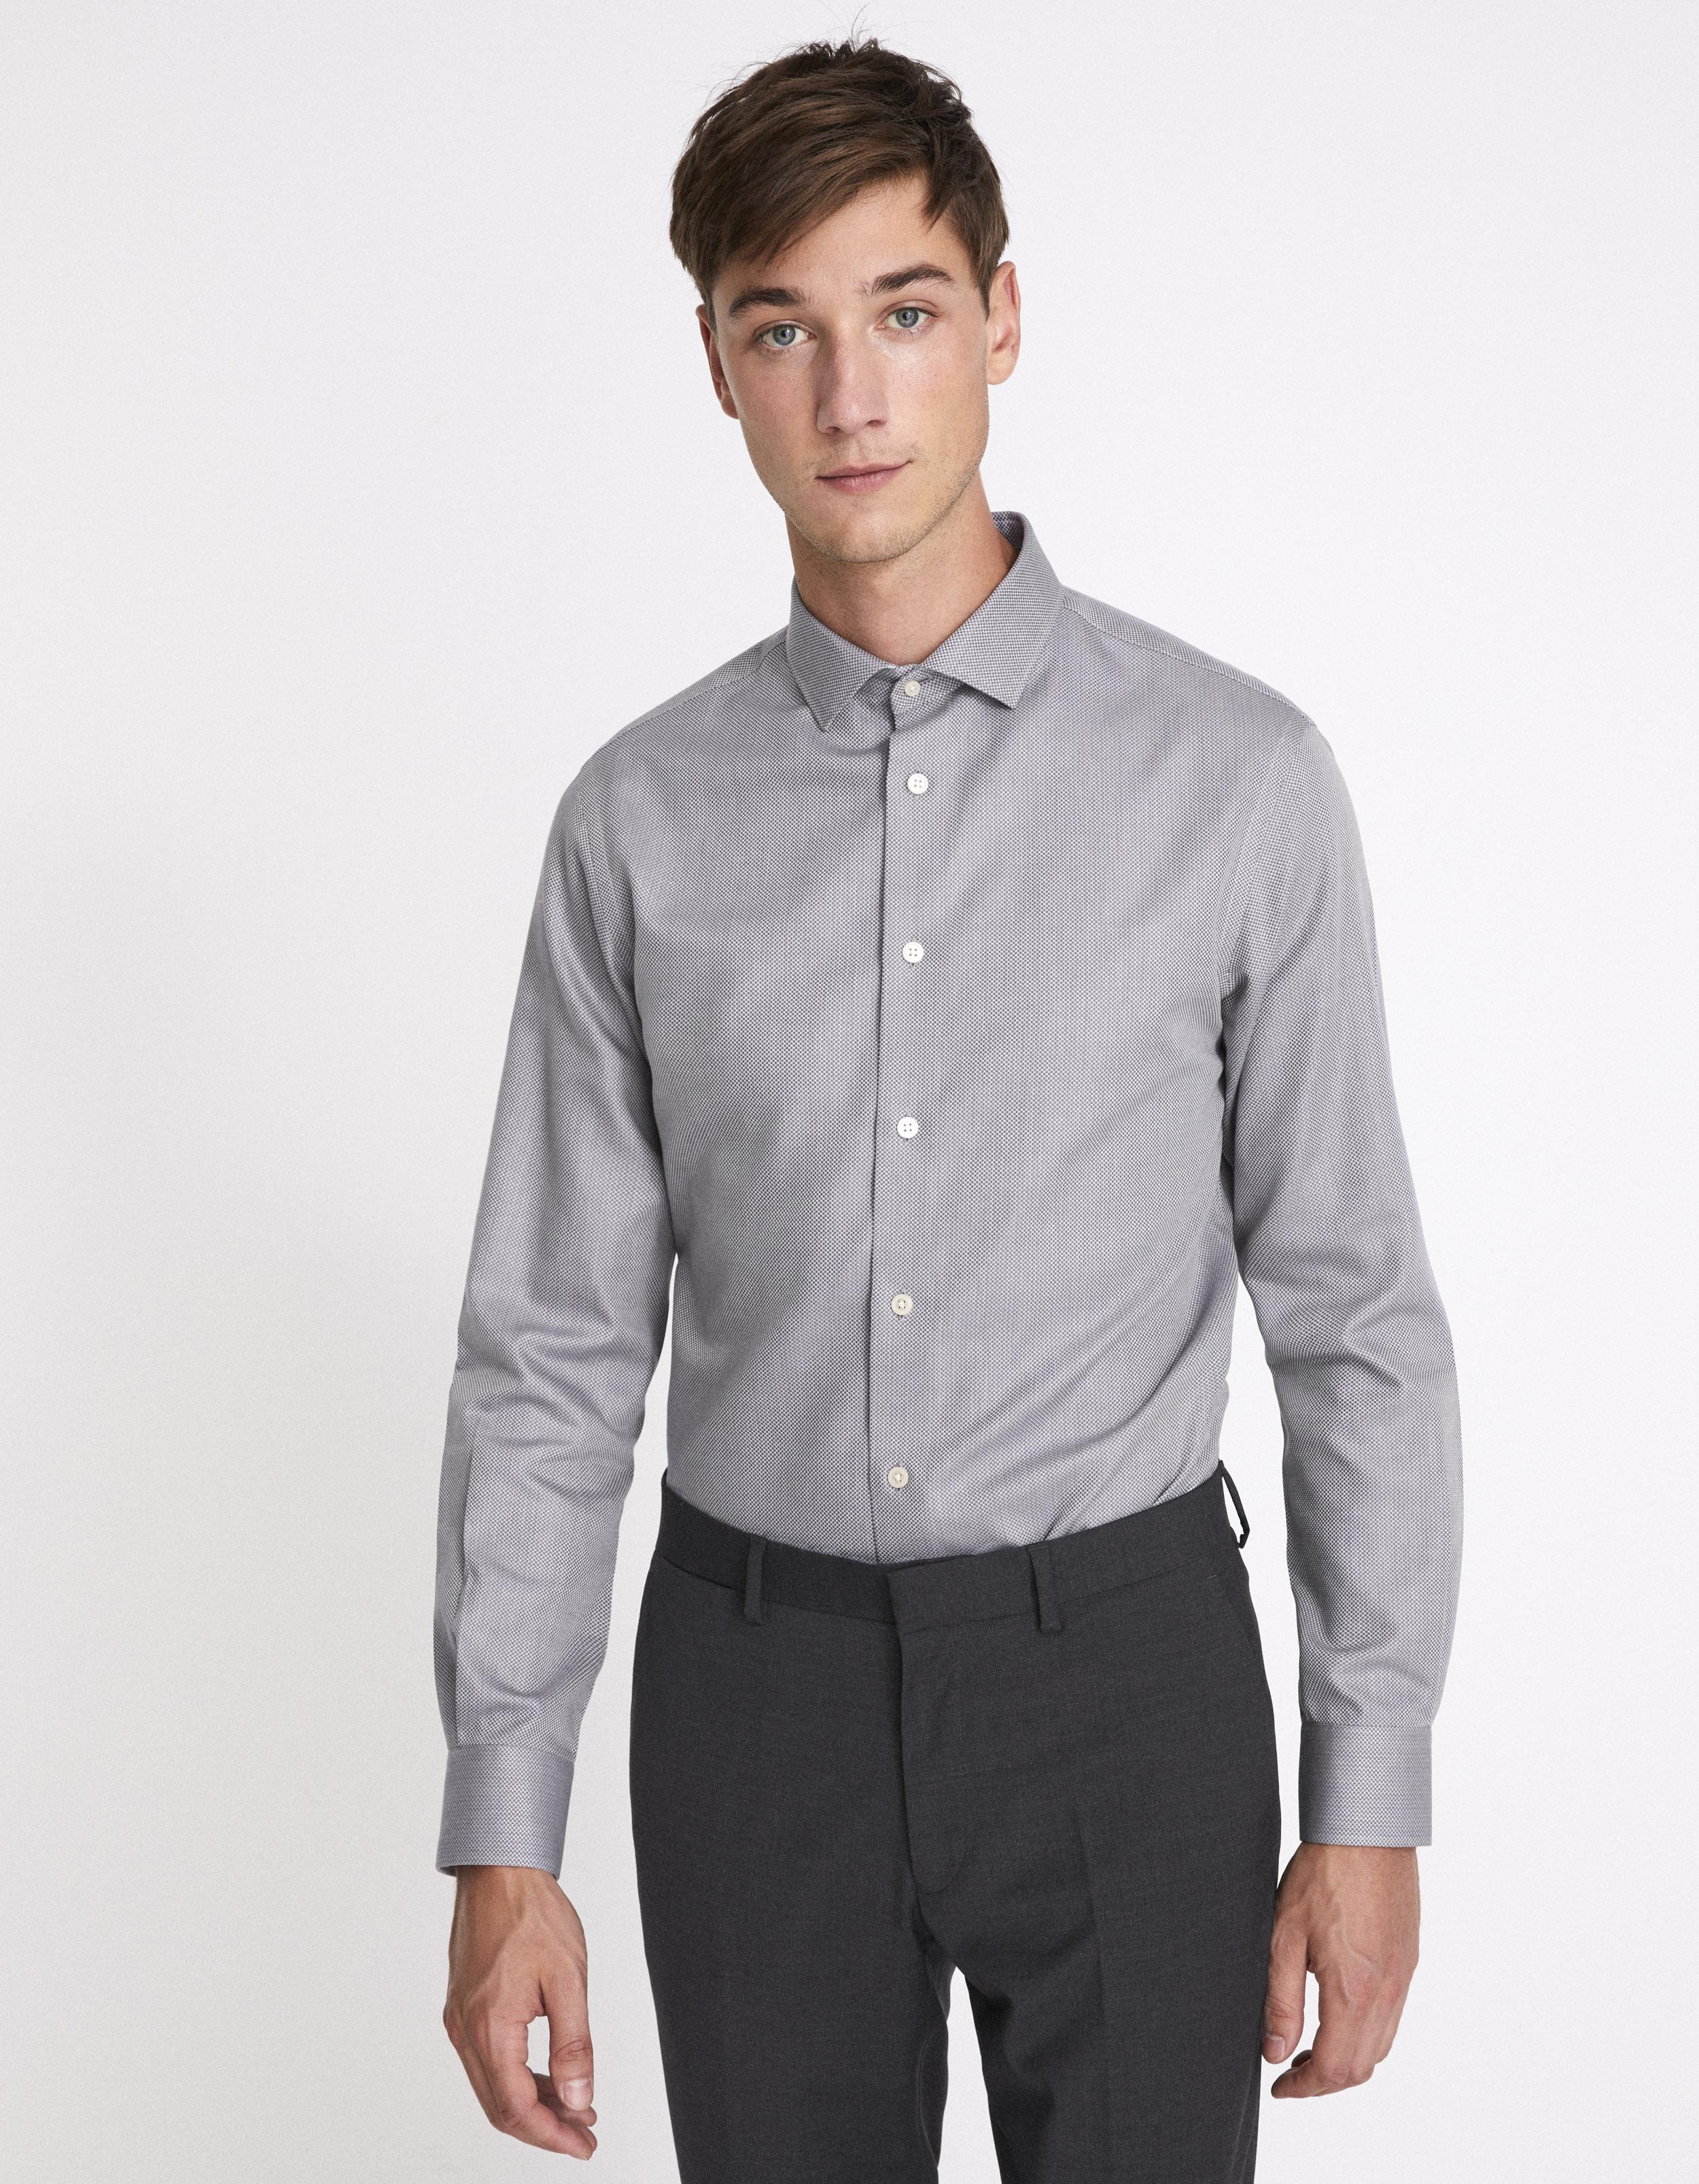 chemise slim sans repassage Celio Club Prix 59,99 €2